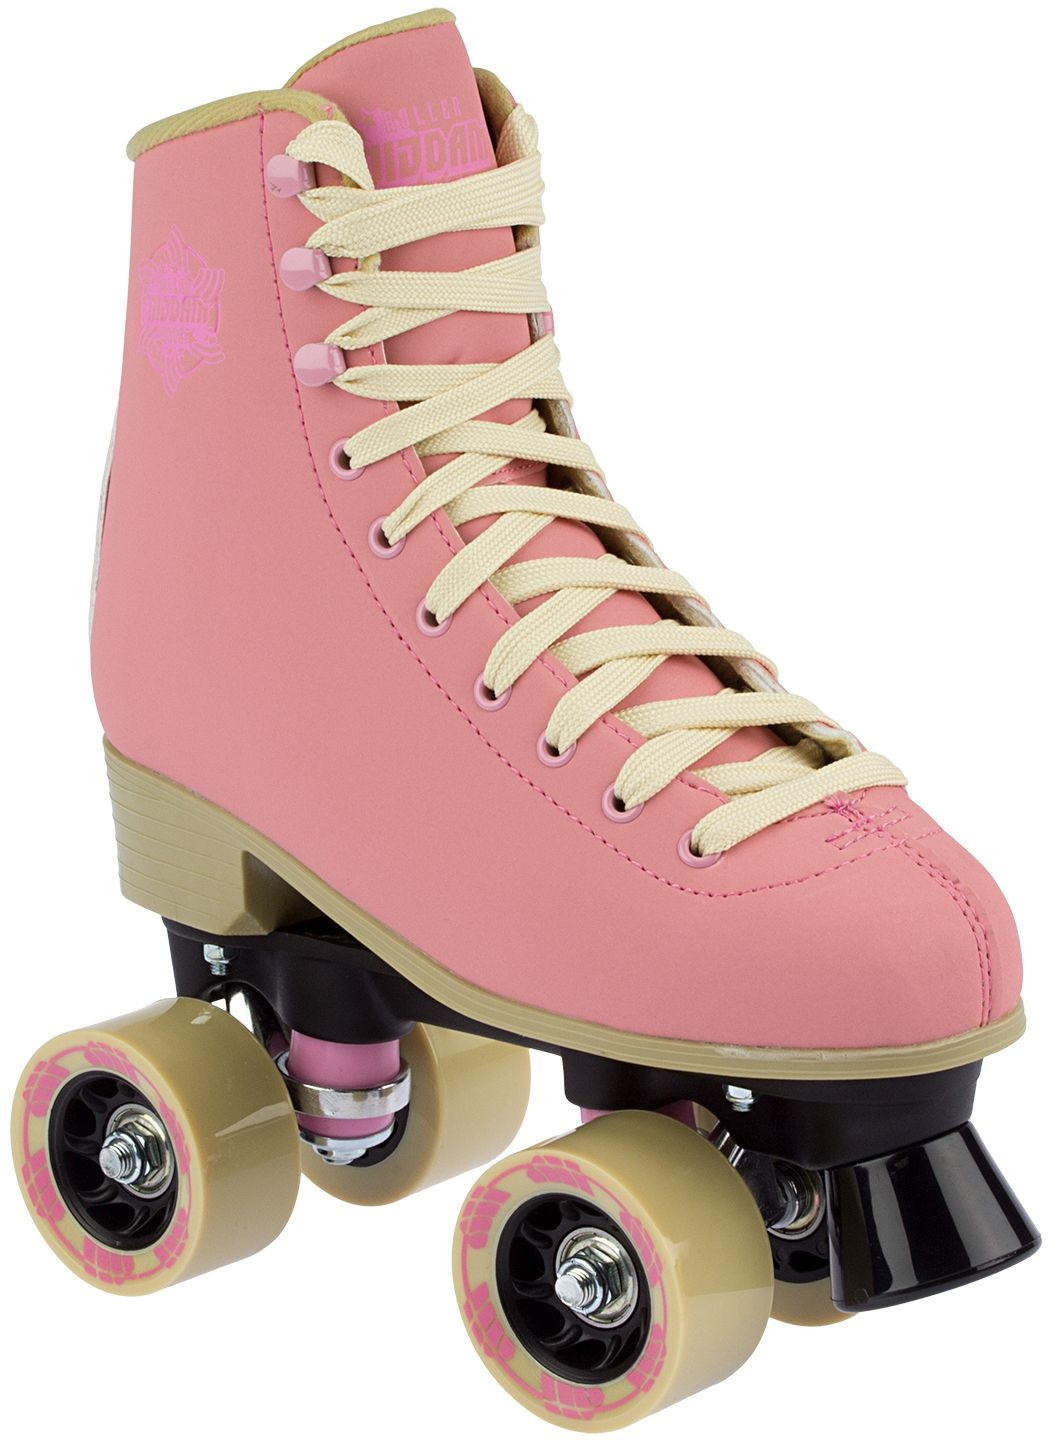 c600a44d010 Nijdam rolschaatsen retro Eye Candy dames roze - Internet-Sport&Casuals